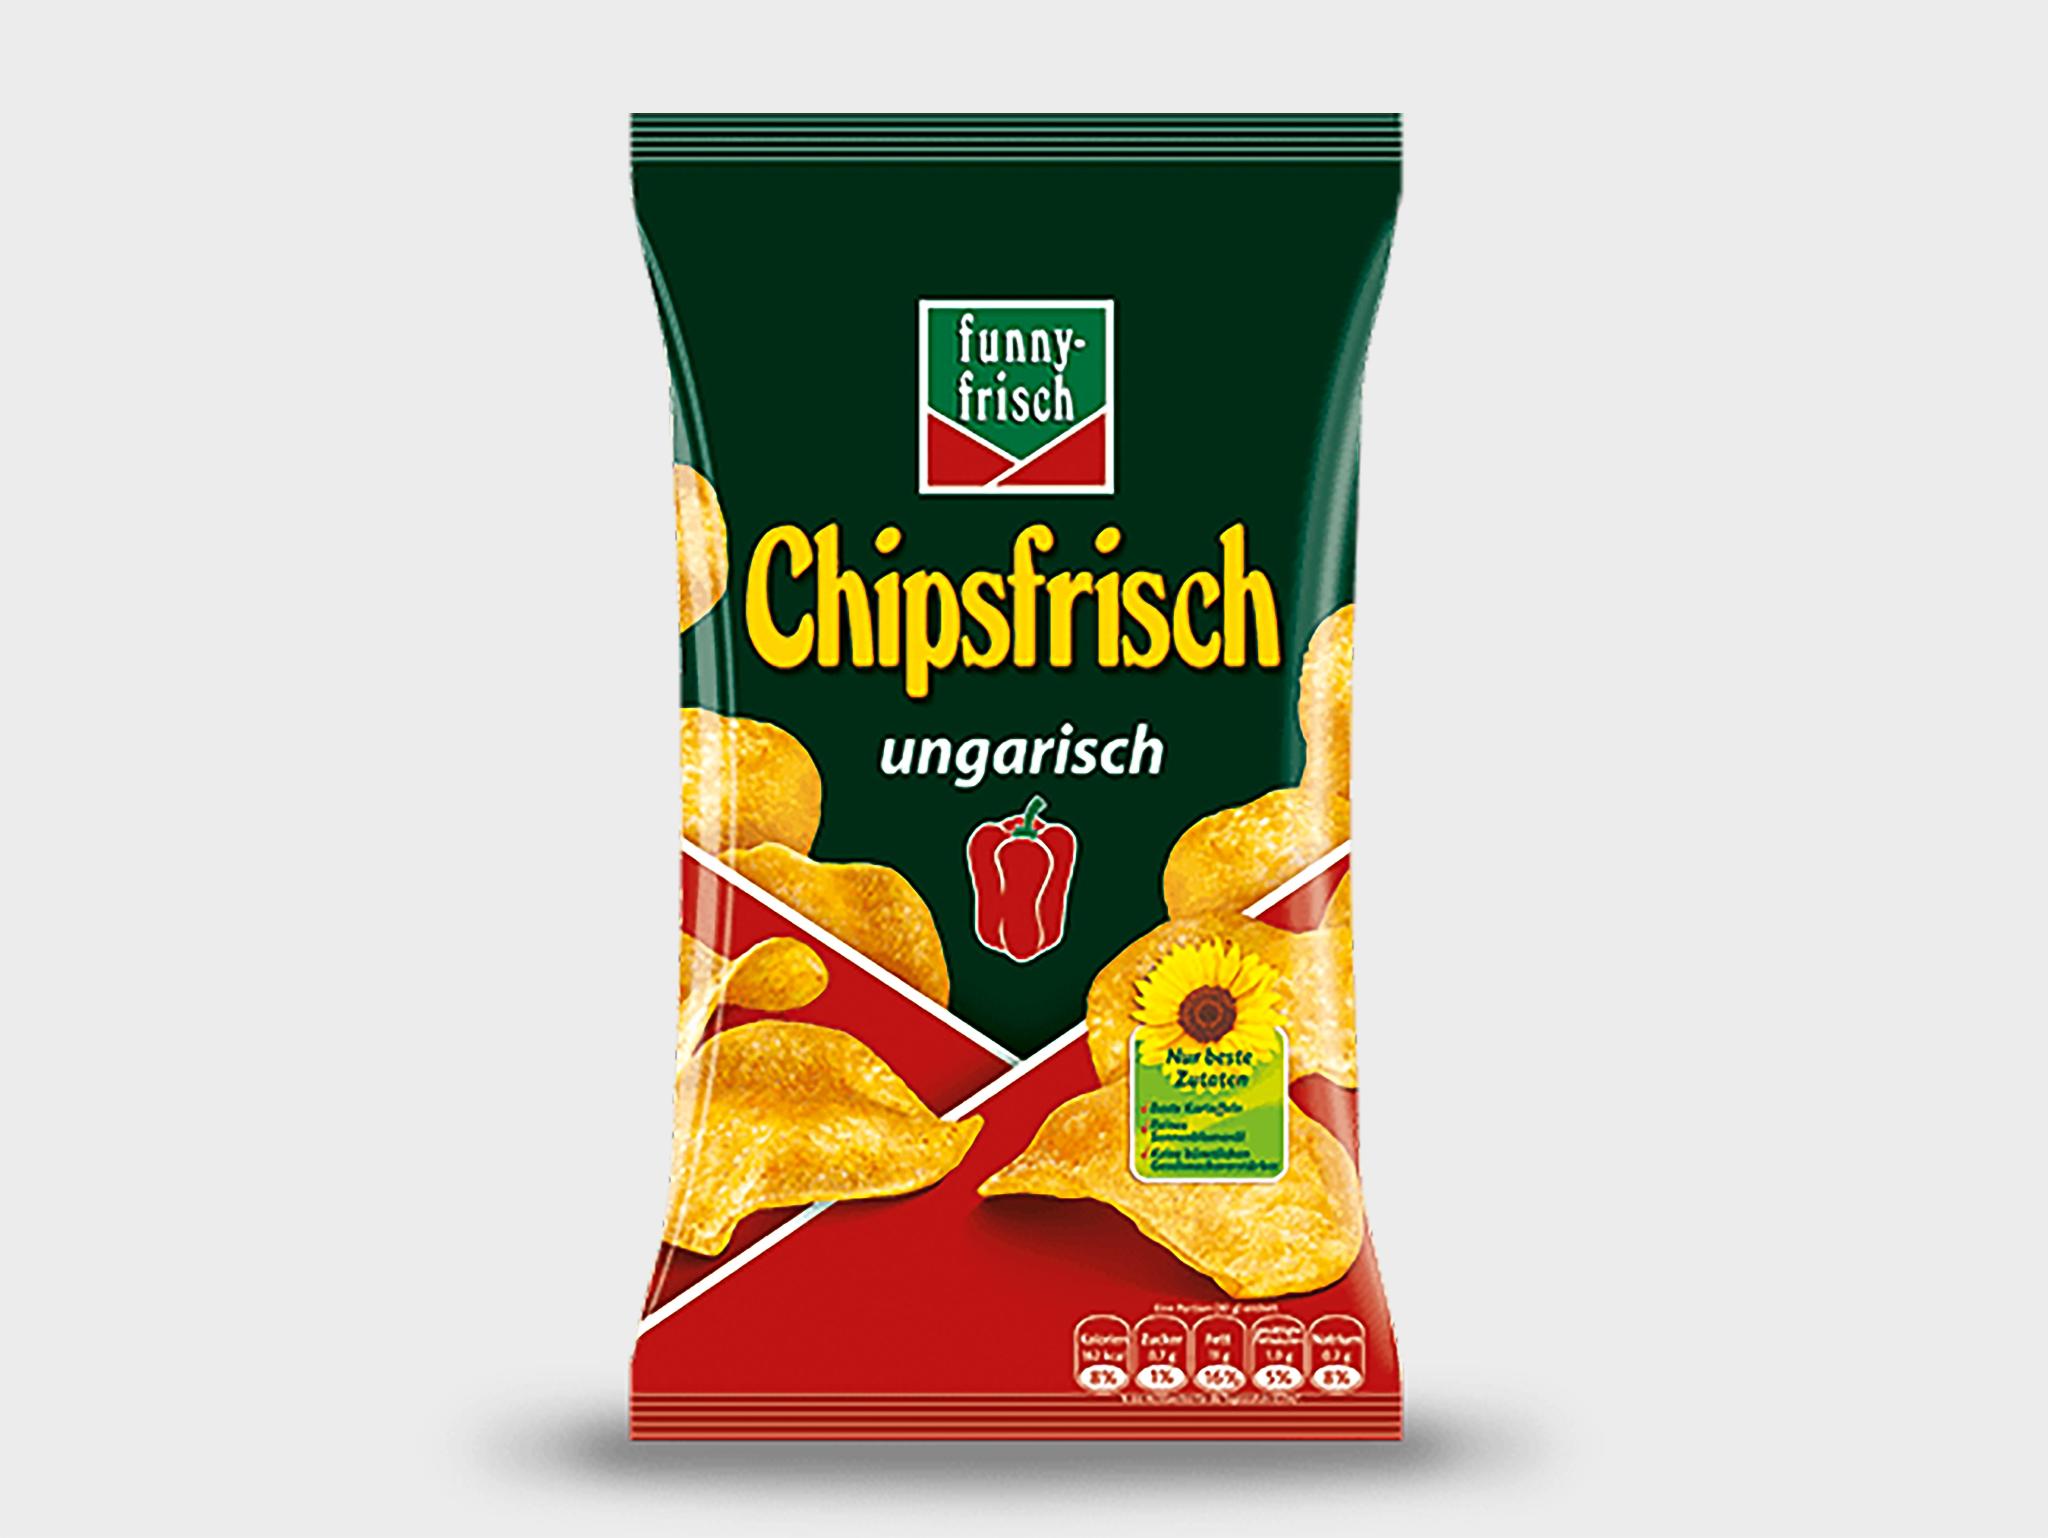 hängarsch